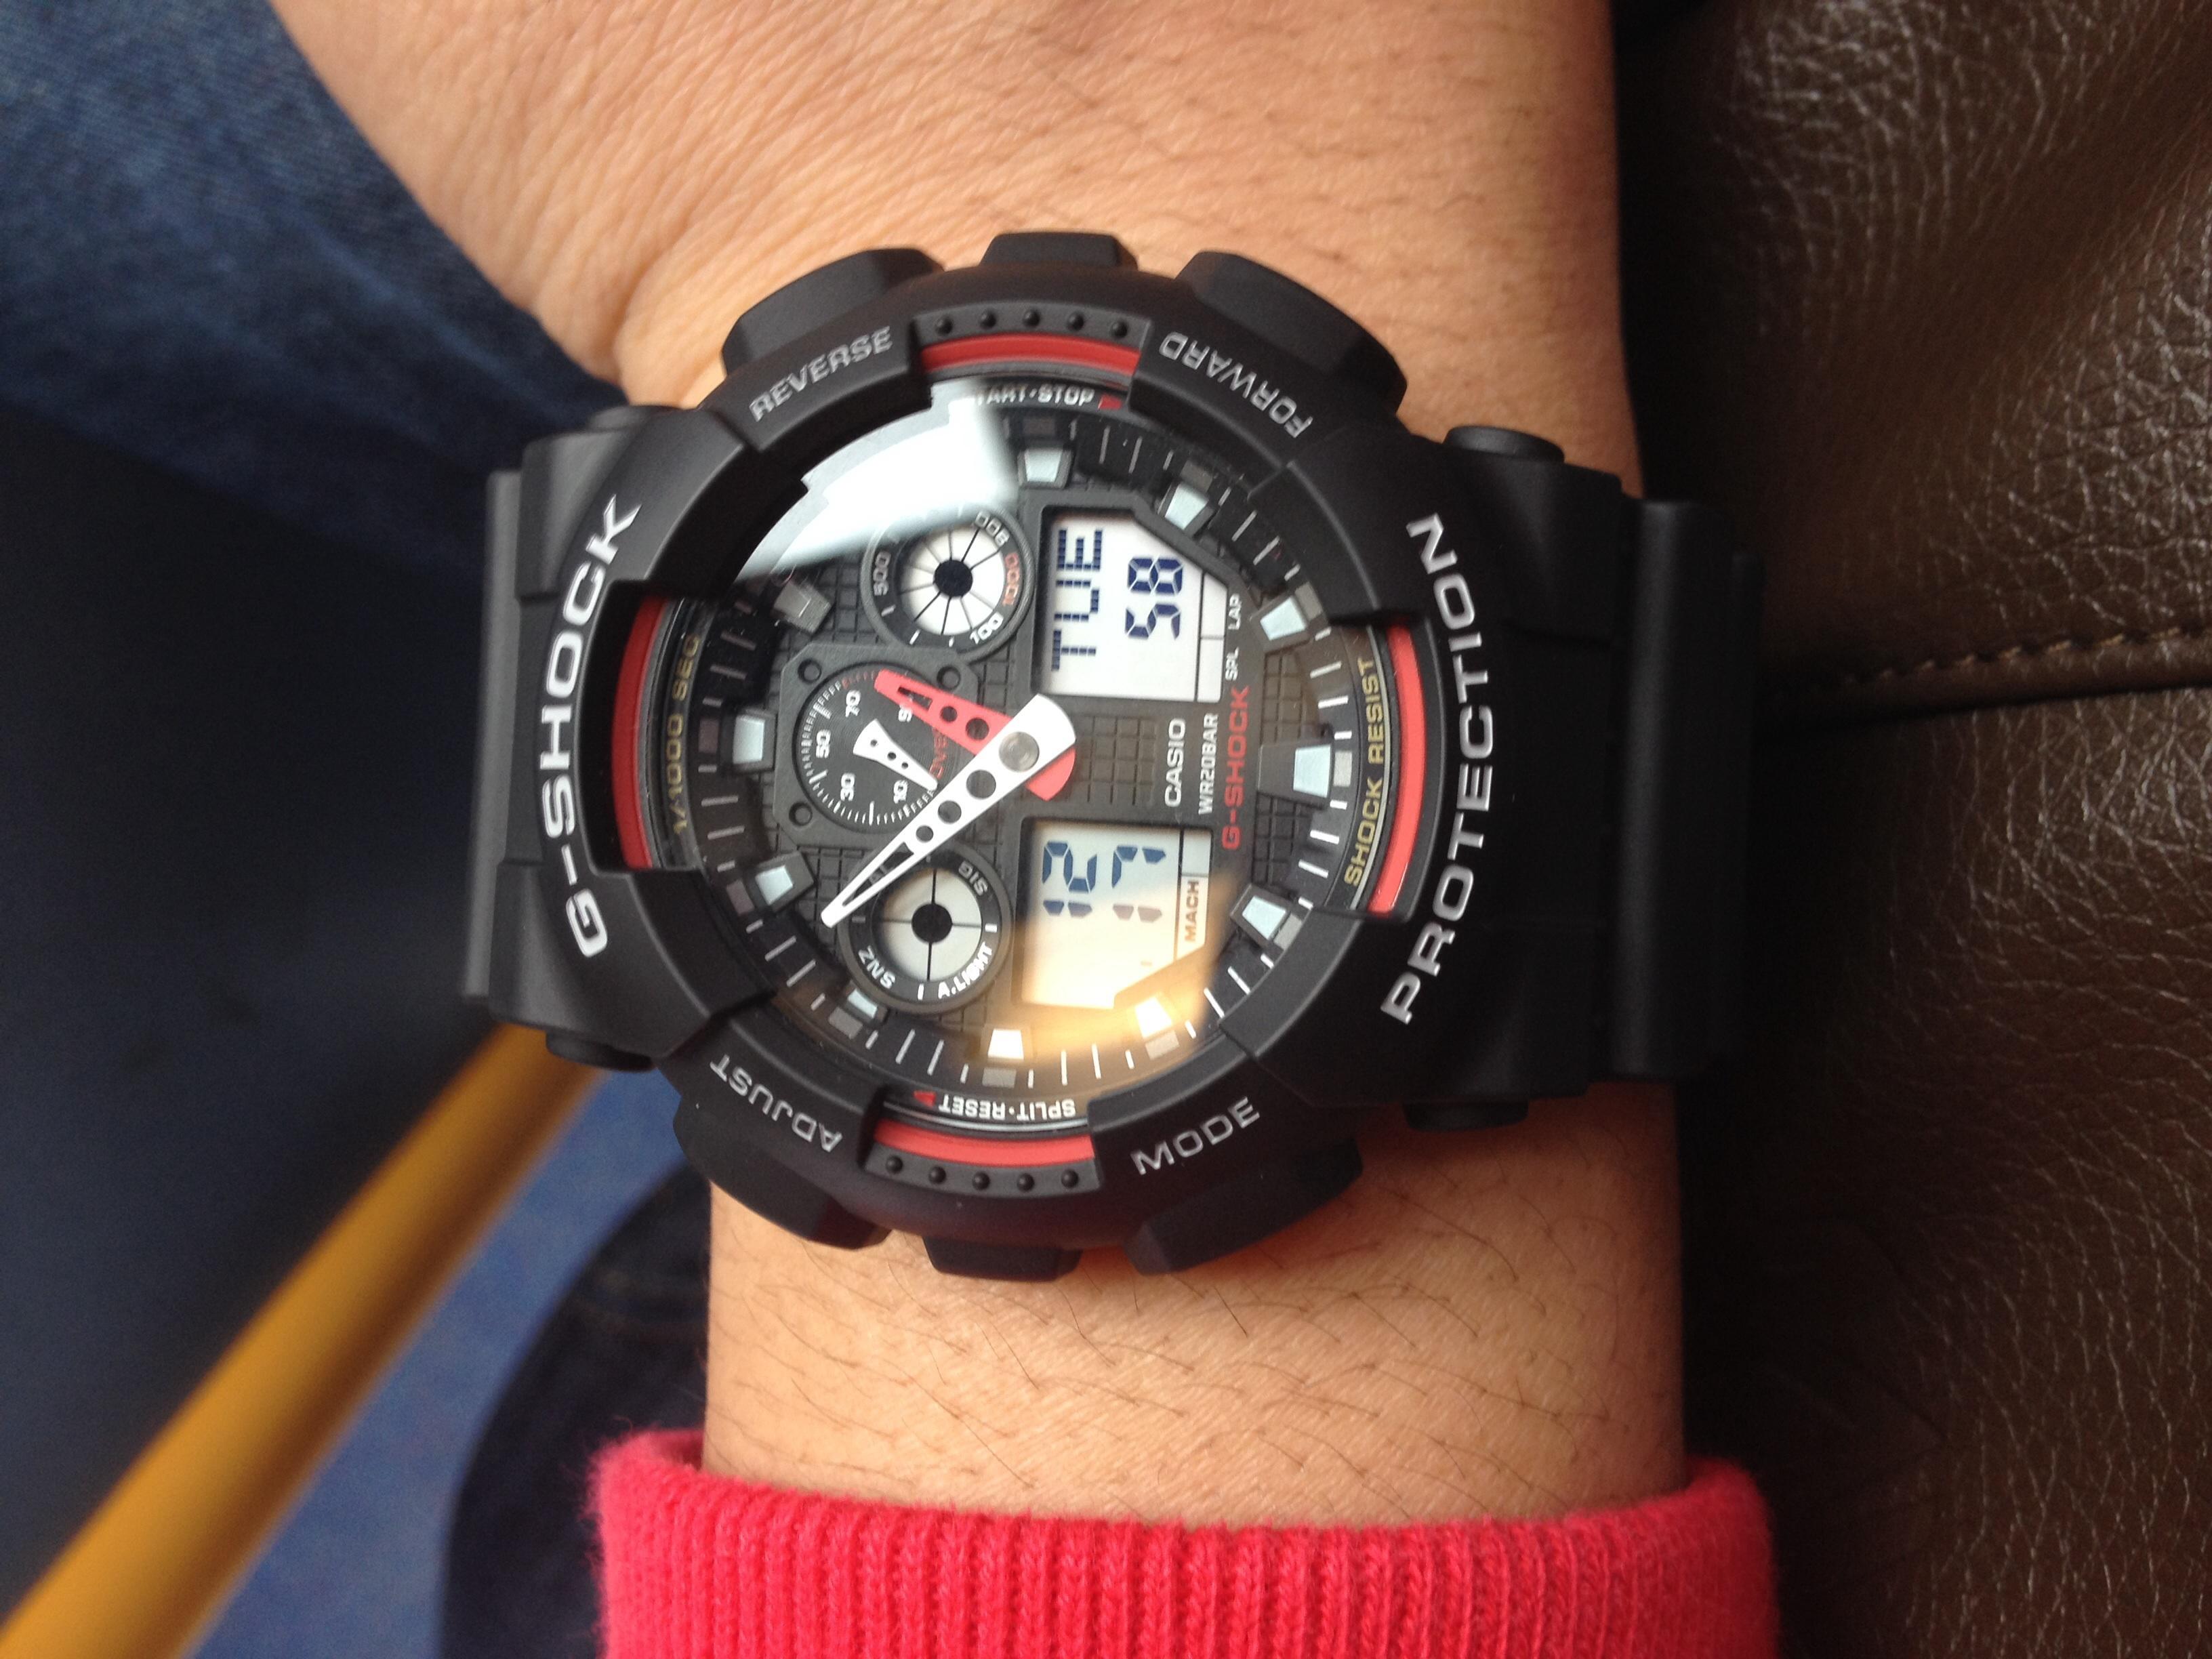 940977bdfd67 Gents Casio G-Shock Alarm Chronograph Watch (GA-100-1A4ER ...